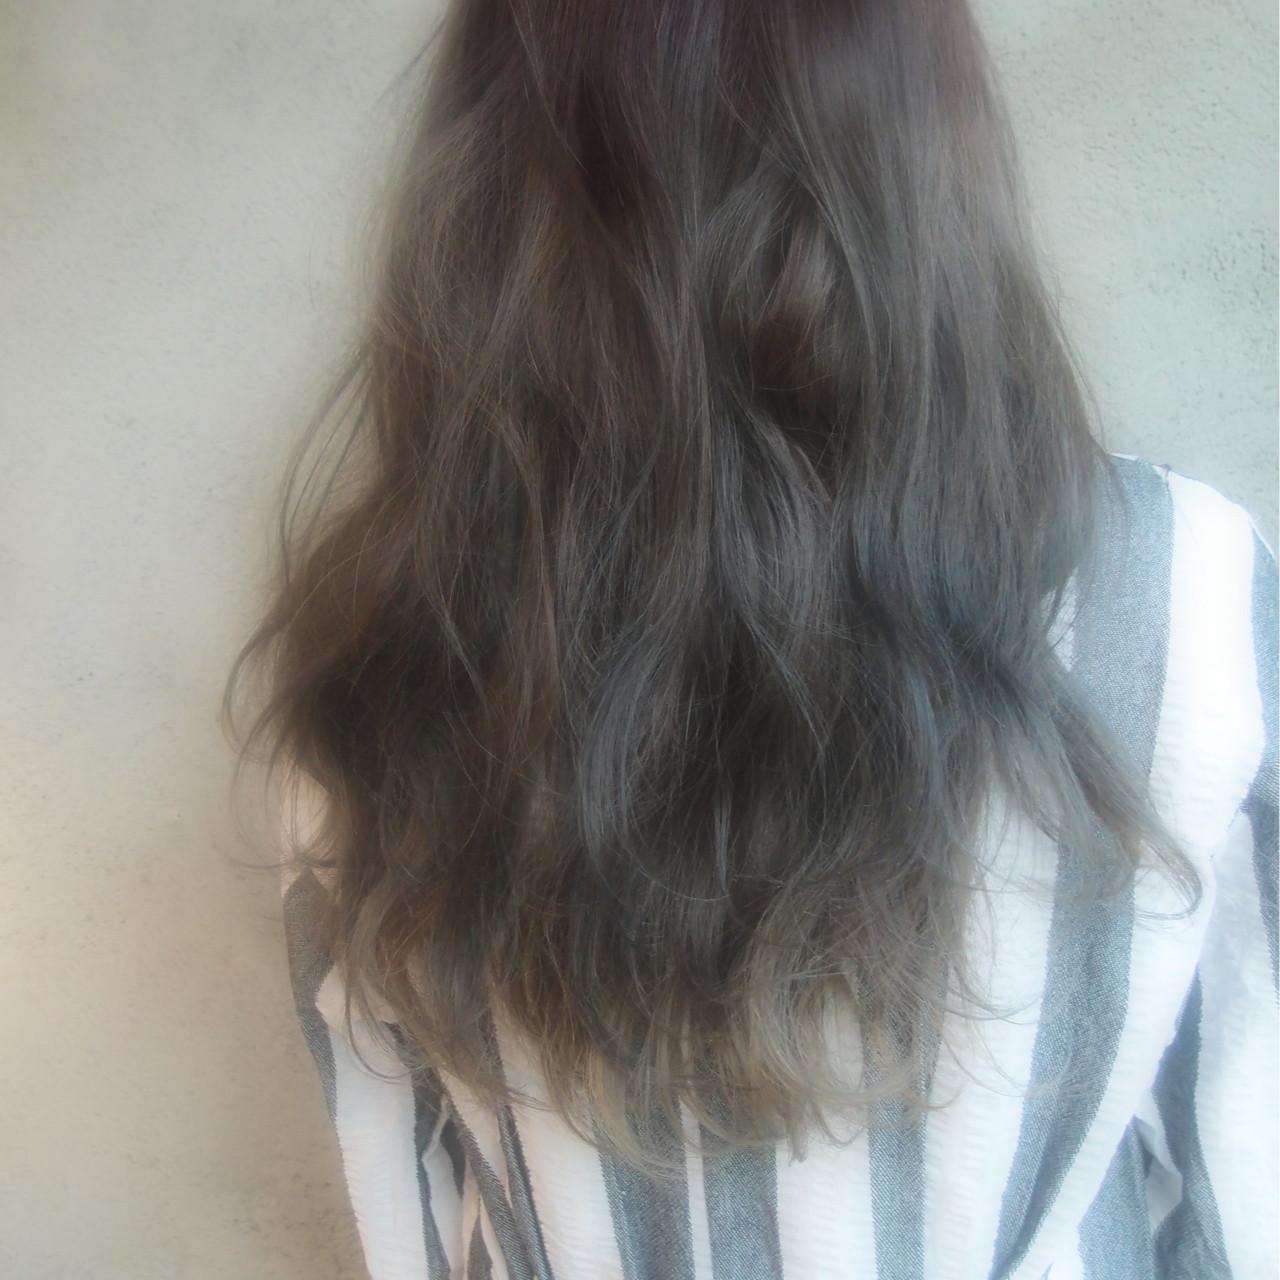 ハイライト 外国人風 ゆるふわ ダブルカラー ヘアスタイルや髪型の写真・画像